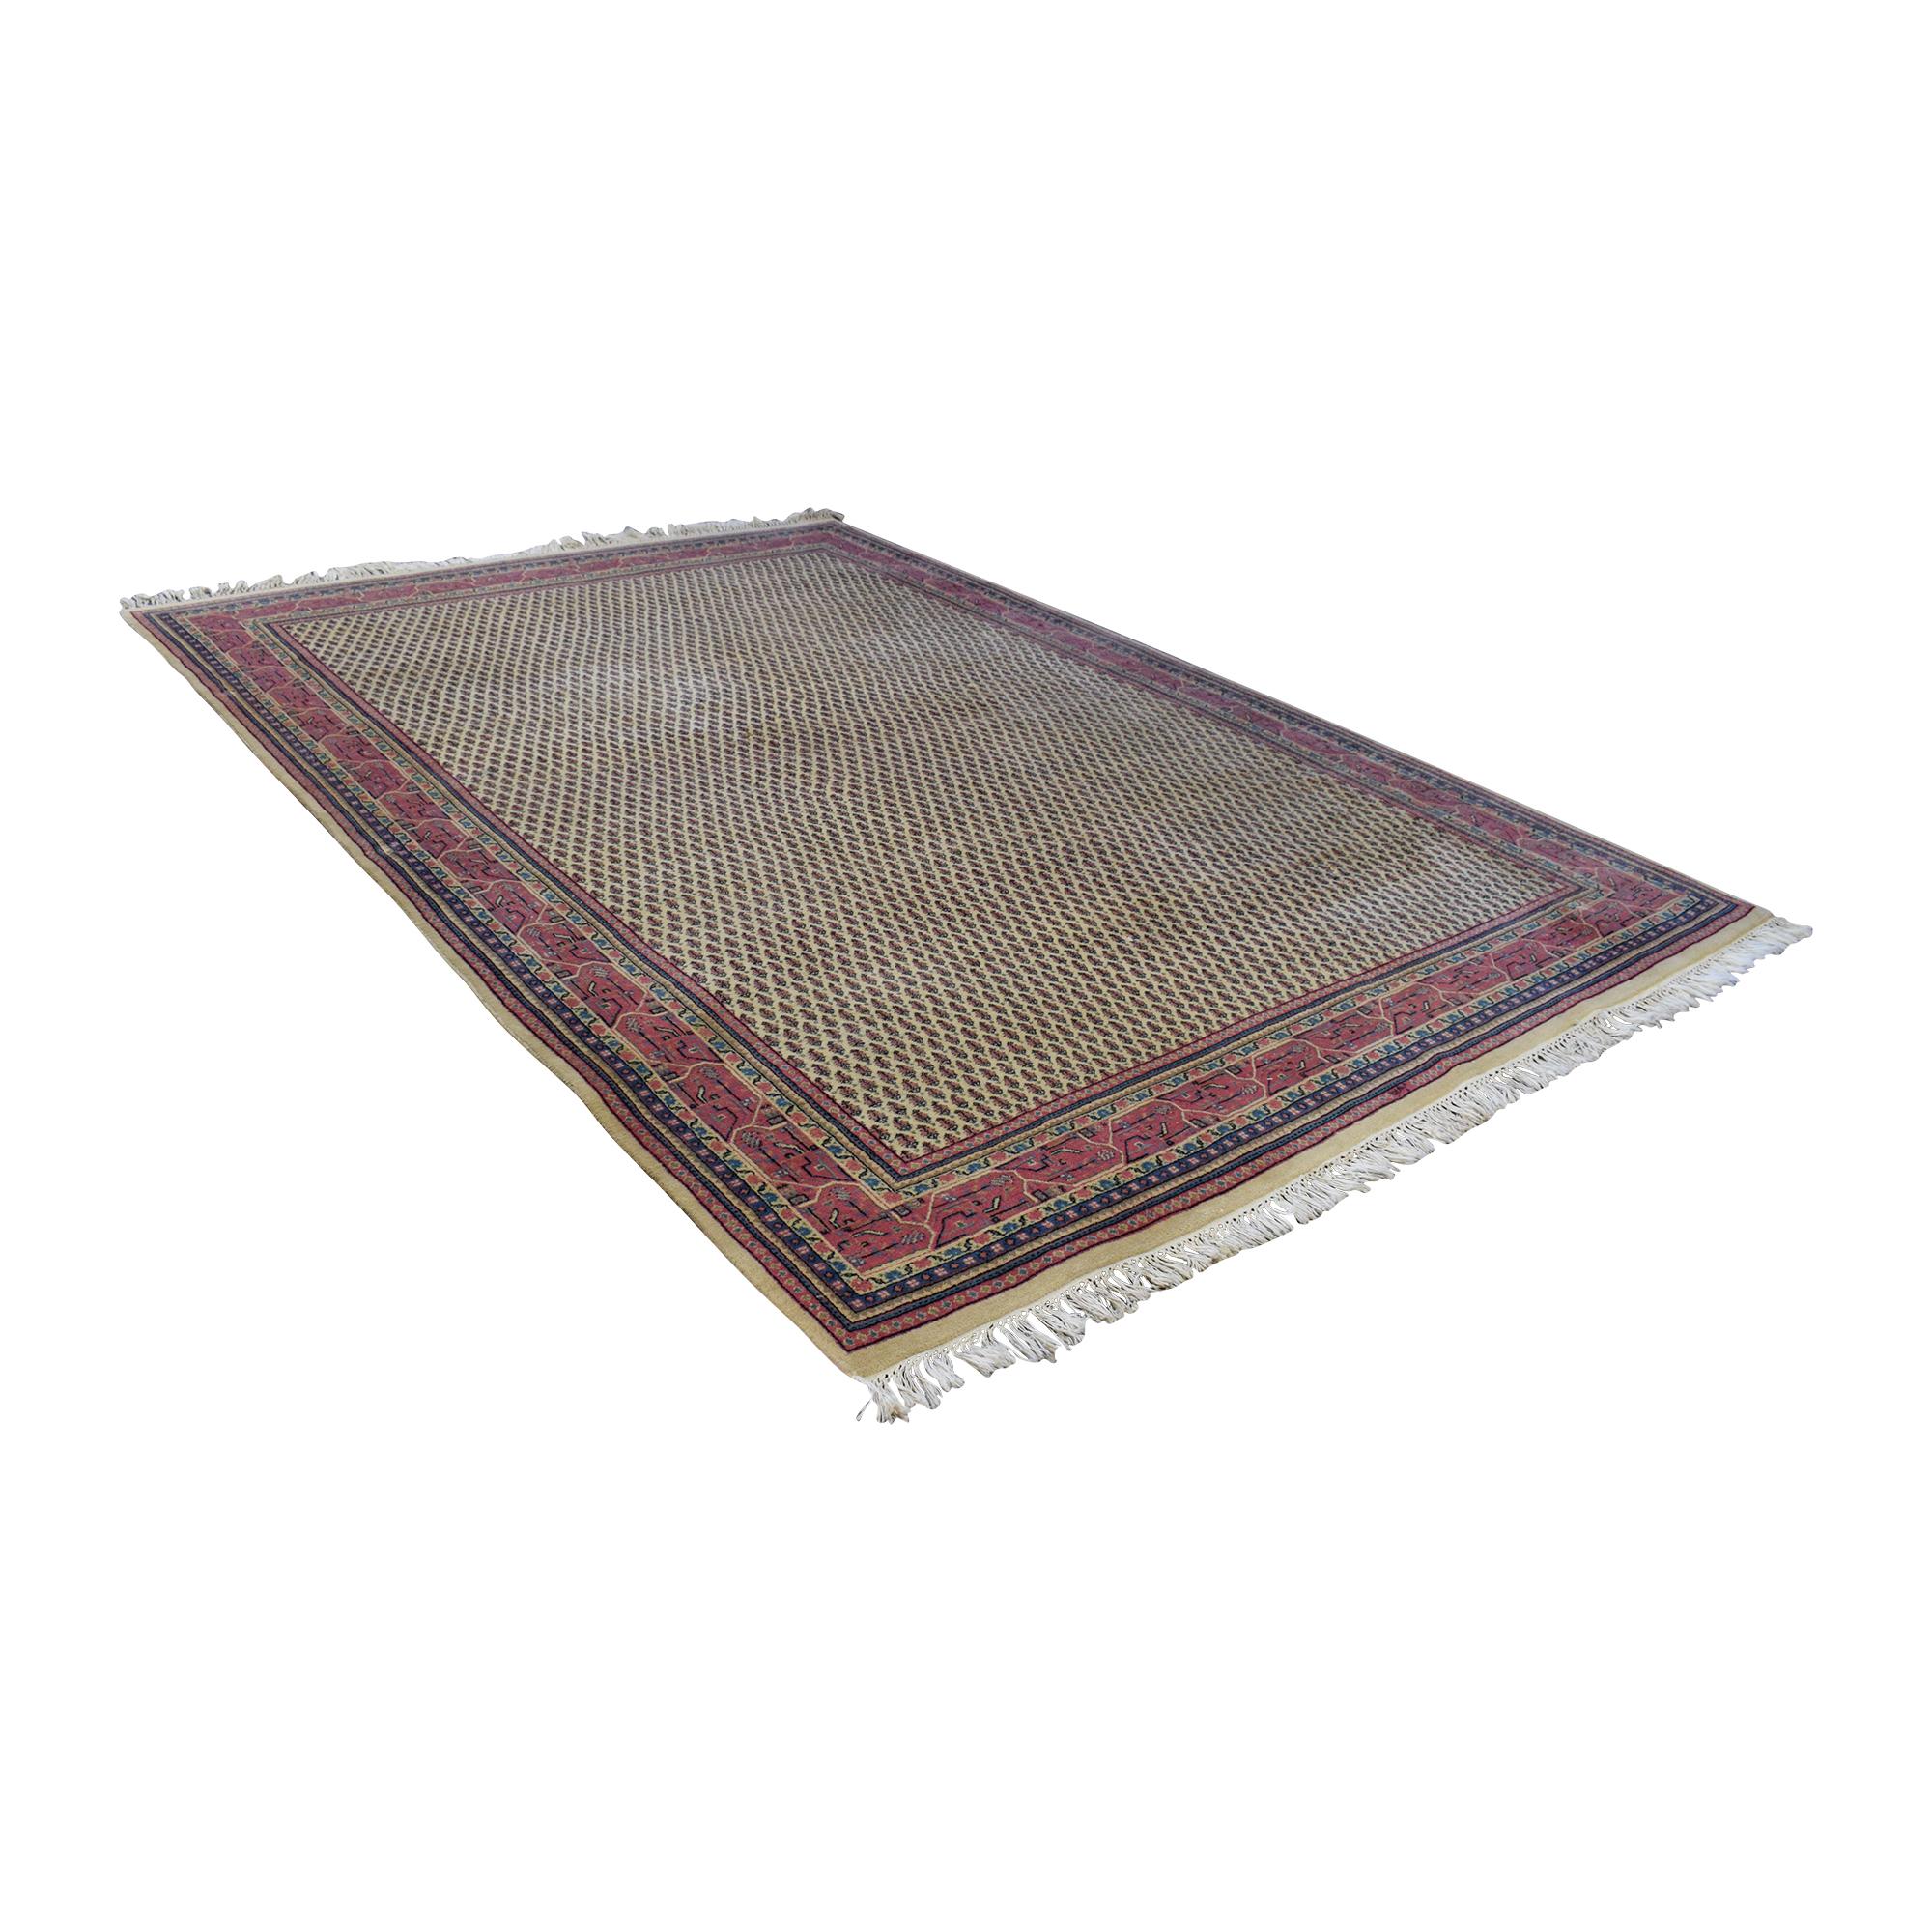 Kayam Oriental Rug / Rugs